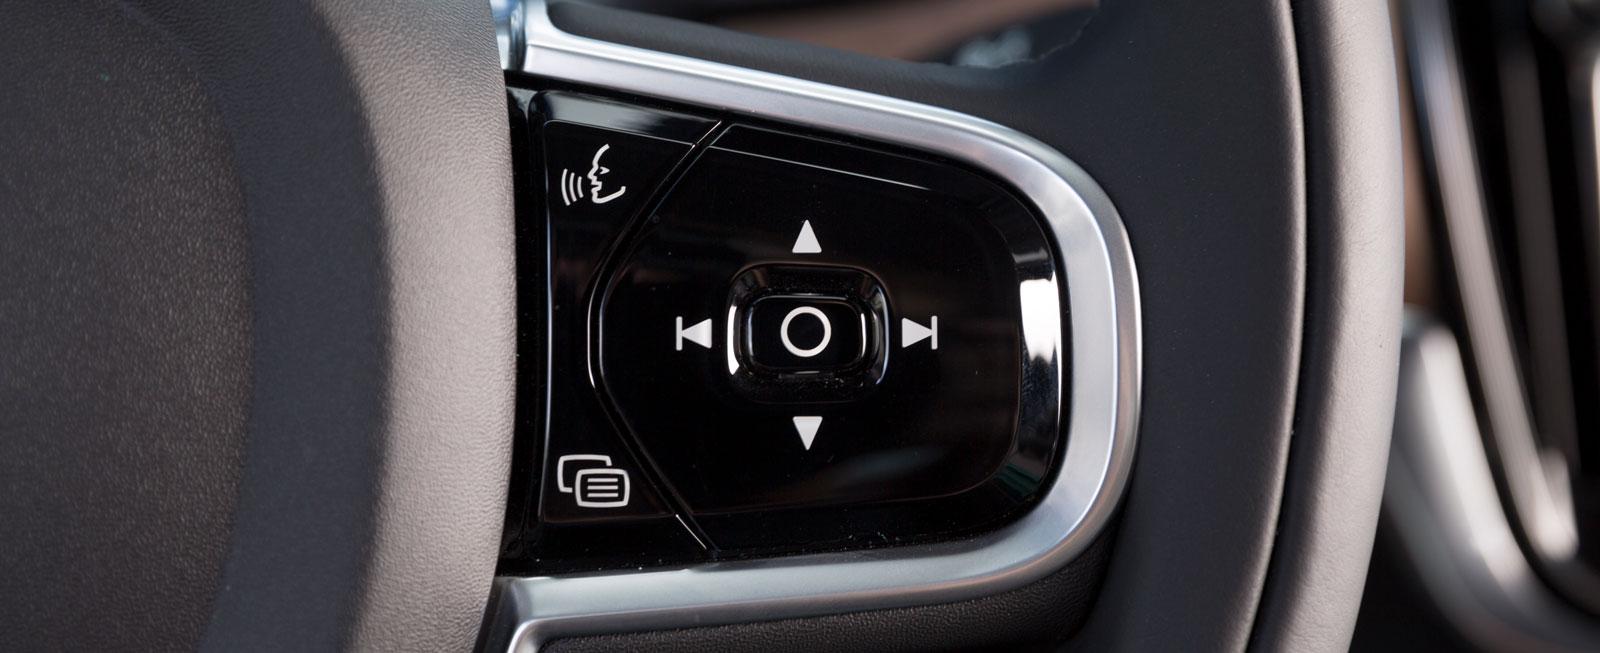 Volvos rattreglage sköts med tryckknappar. De fungerar bra, men når inte upp till Mercans användarvänlighet.